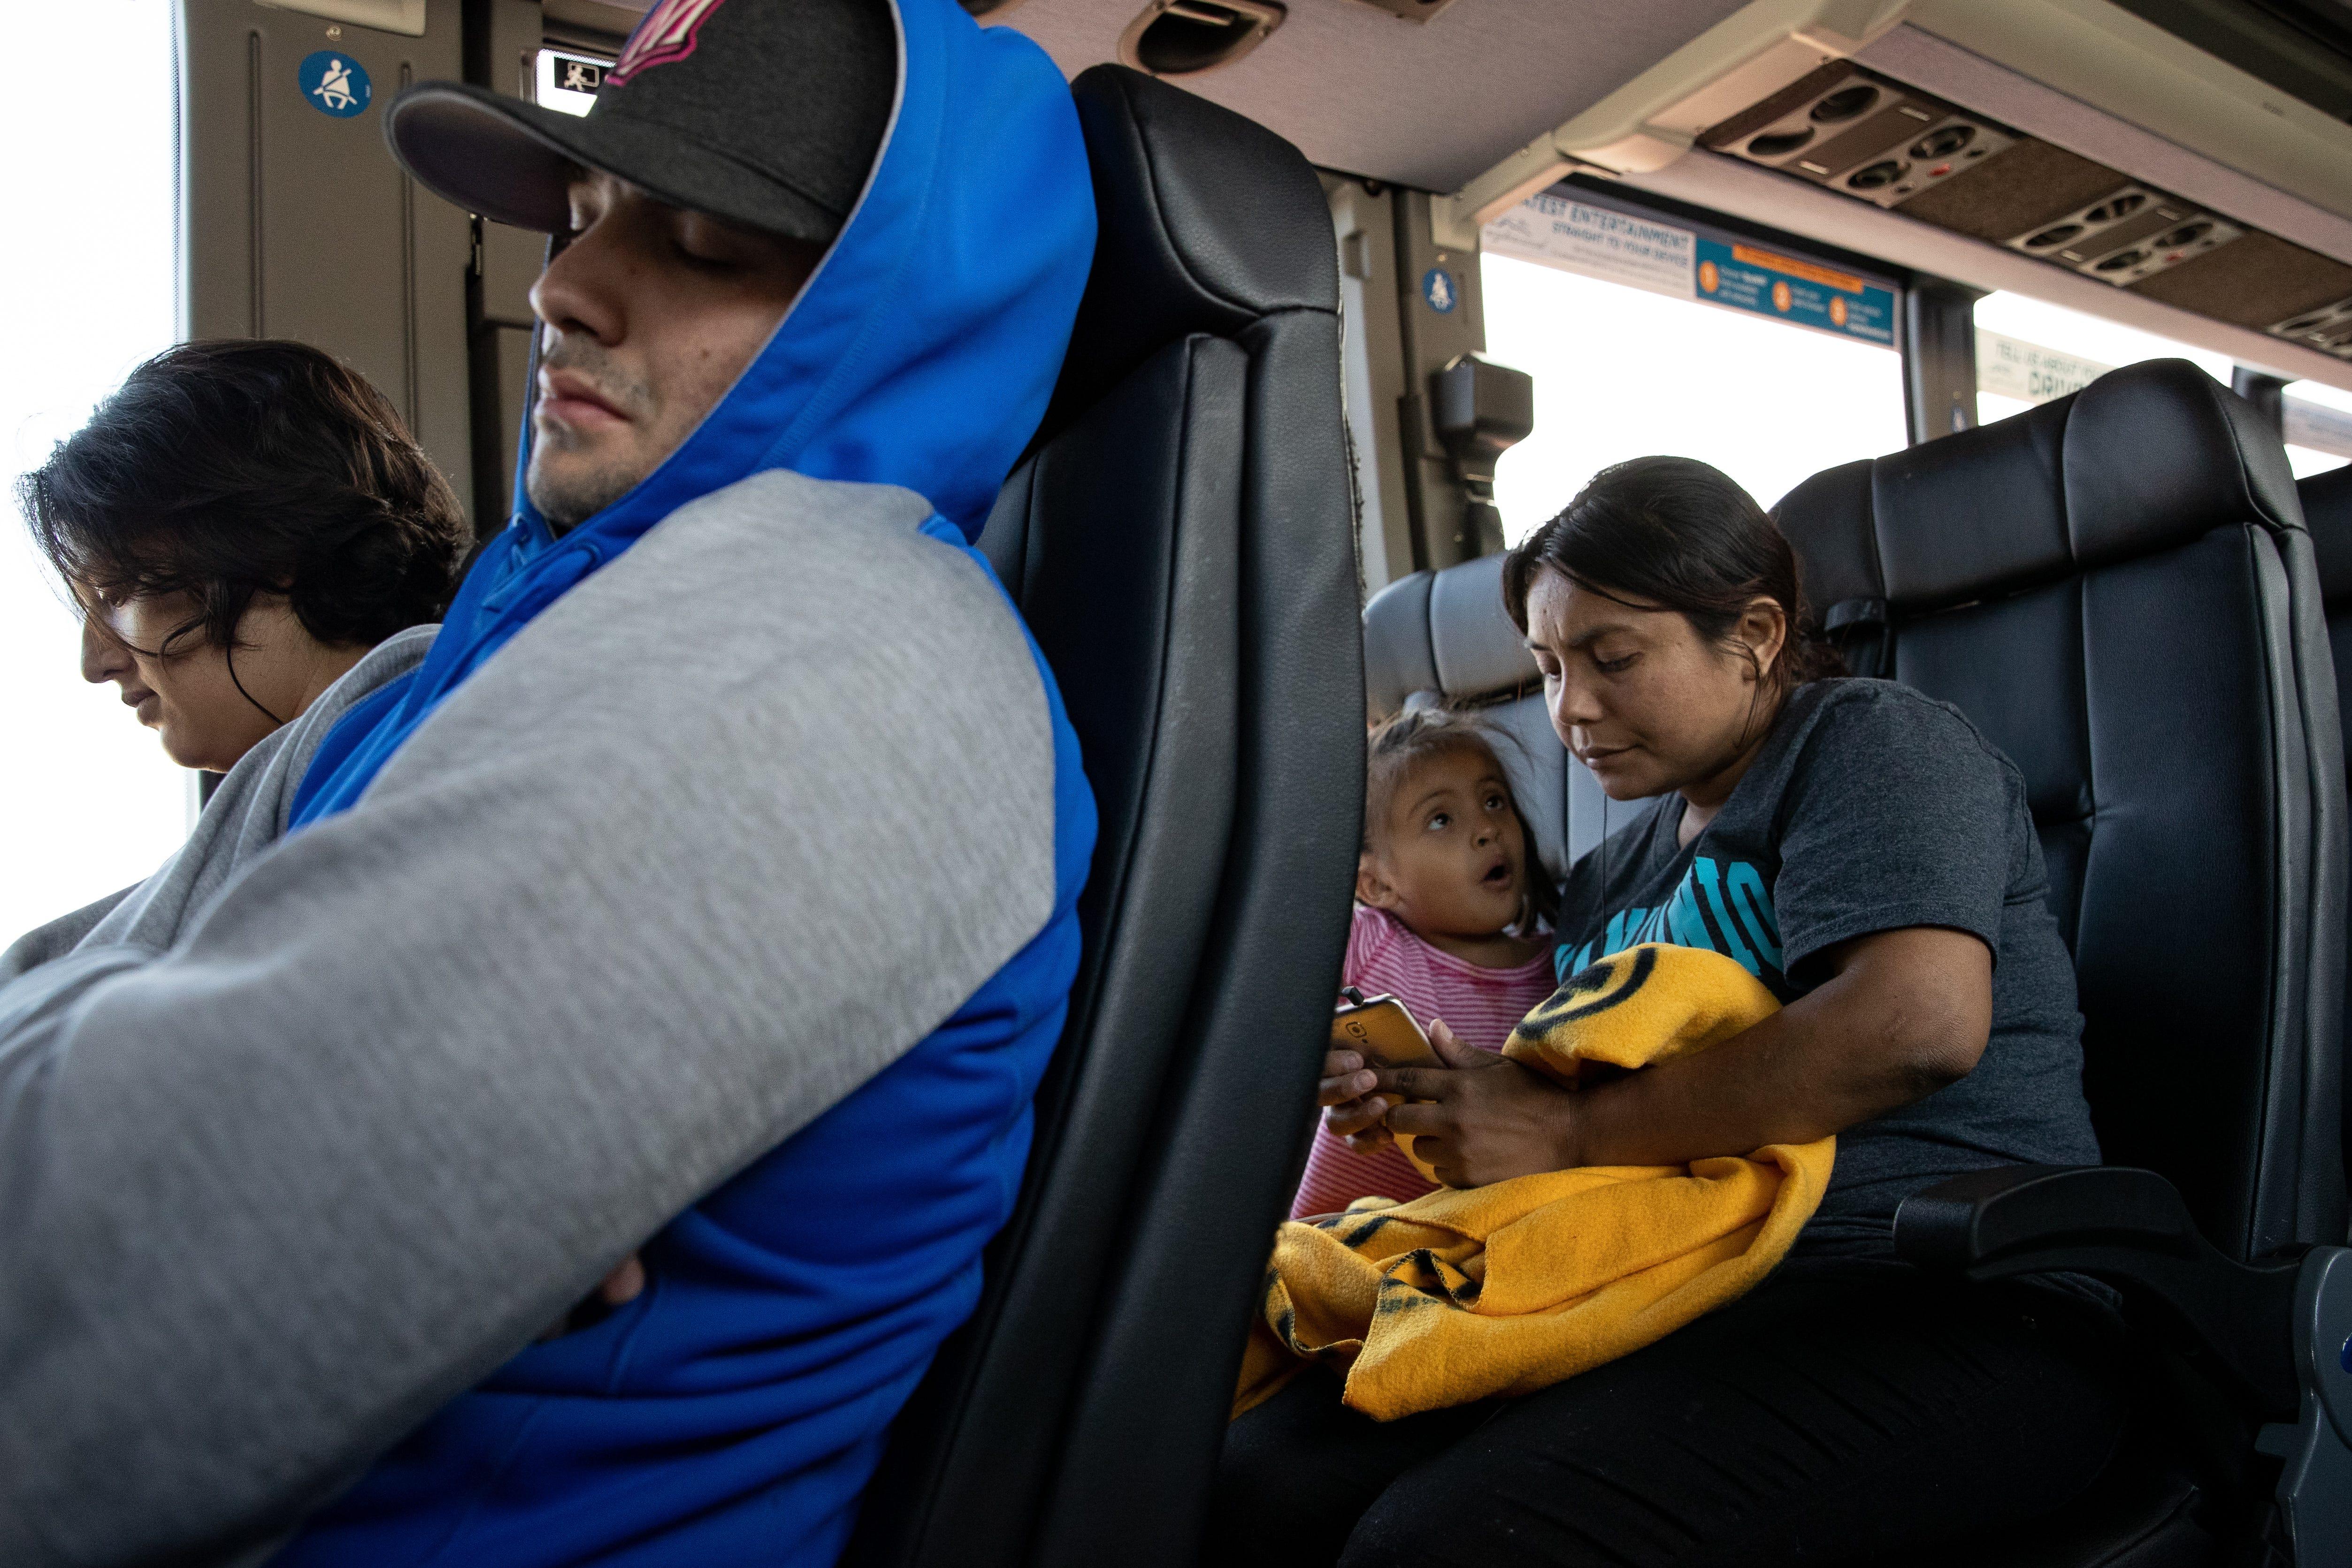 PHOENIX, Ariz.  – Delmy López, 31, una migrante hondureña, envía un mensaje con su teléfono mientras espera en la estación de la línea de autobuses Greyhound en Phoenix el 29 de junio del 2019.